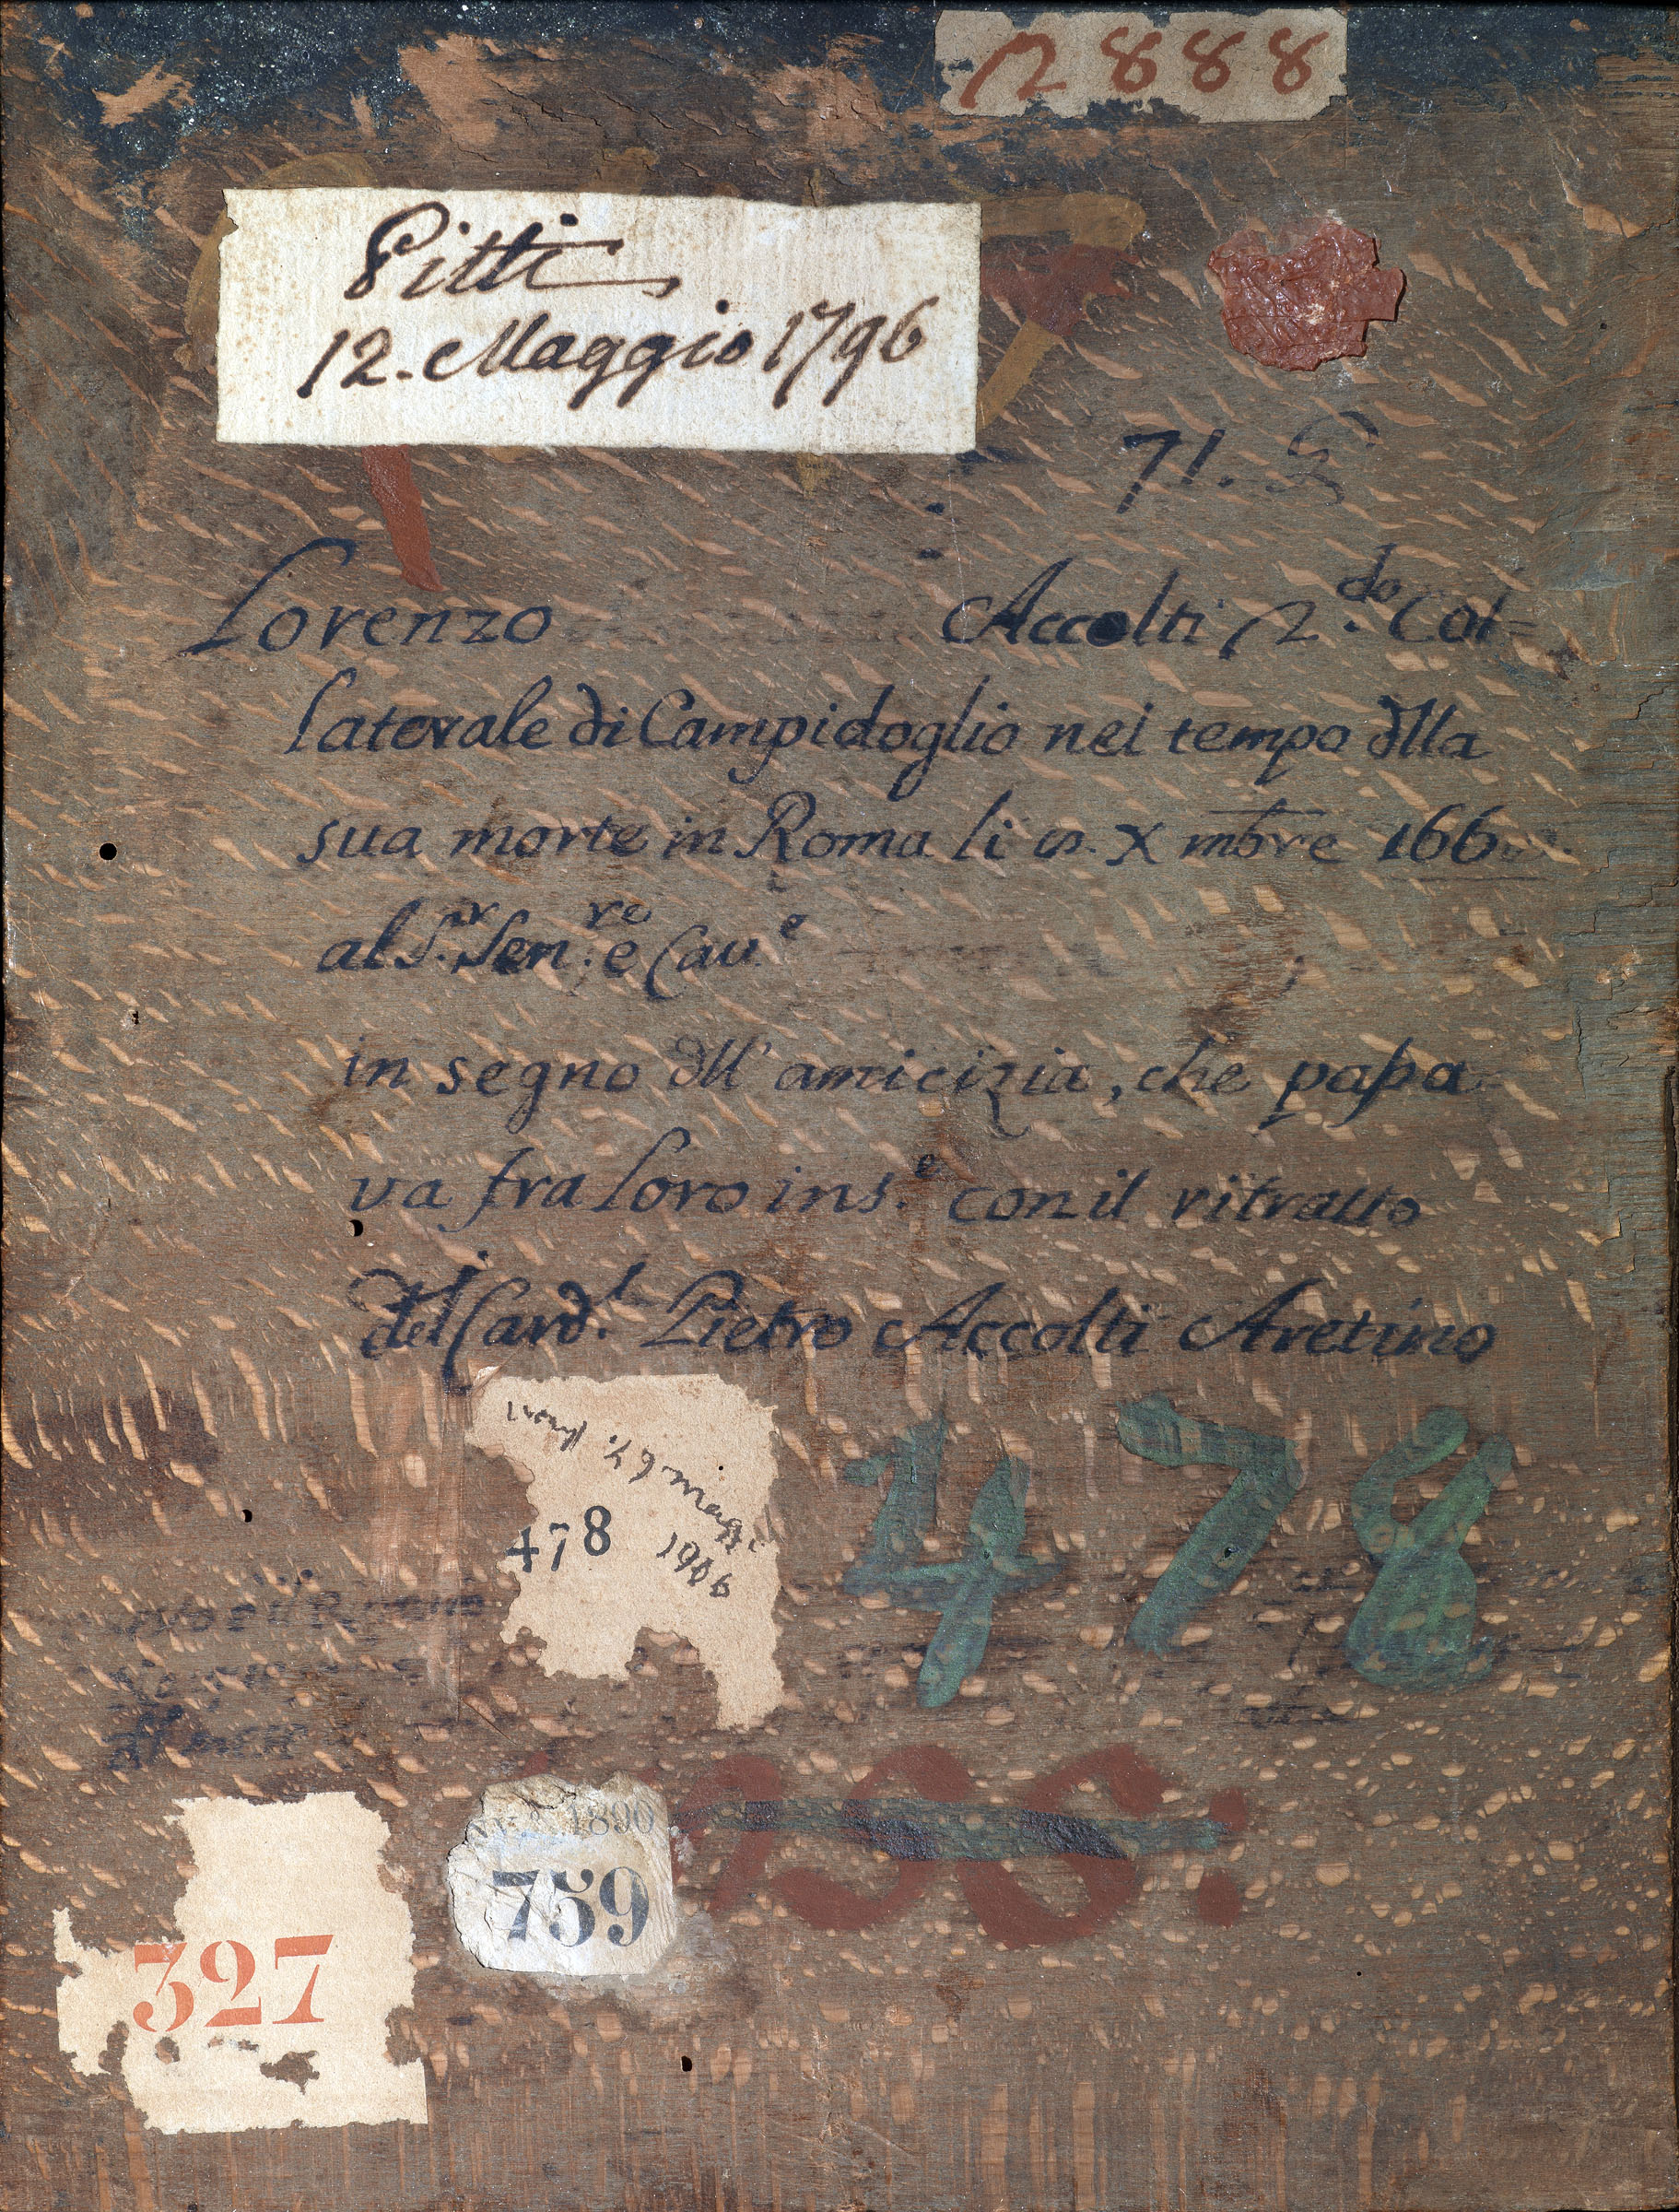 Peruzzi Baldassarre (Ancaiano 1481 – Roma 1536) Verso del Ritratto del card. Pietro Accolti Olio su tavola, 26 x 19 cm Galleria degli Uffizi, Inv. 1890 n. 759